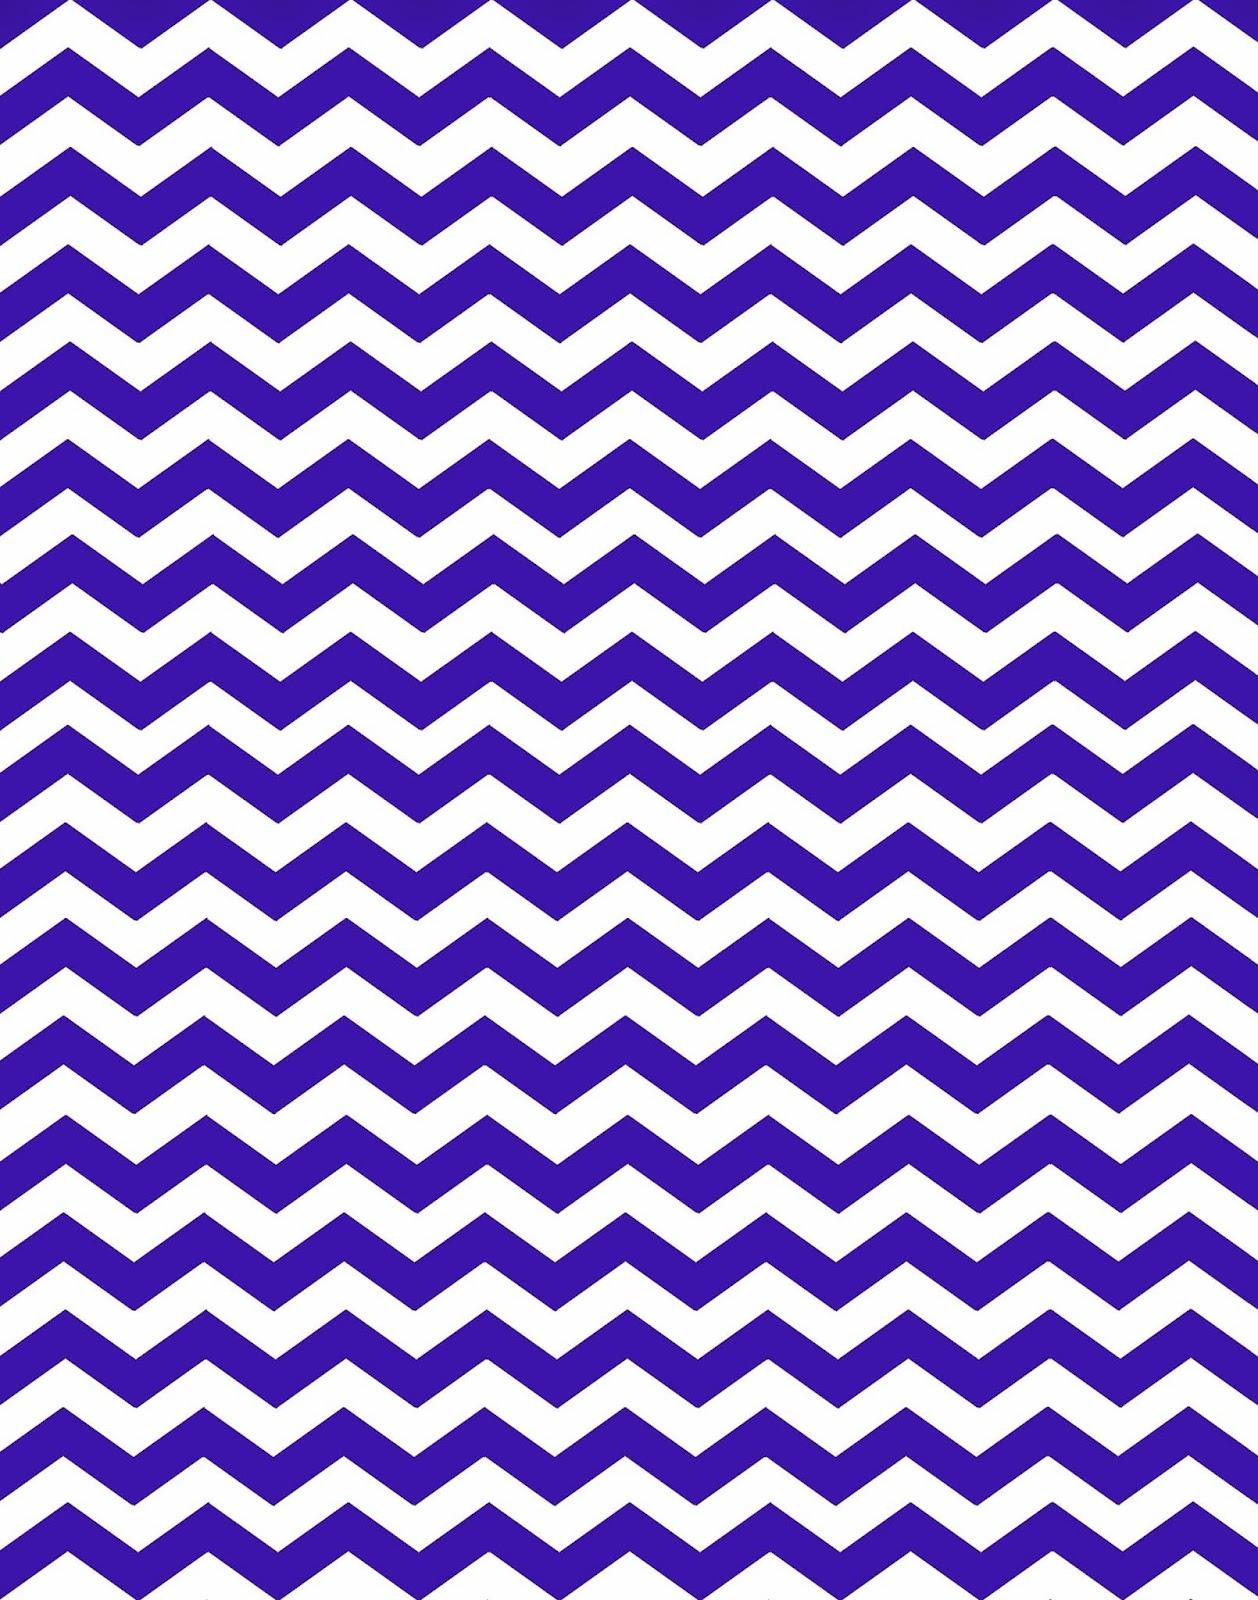 Purple Chevron Background Doodlecraft: Happy Ind...